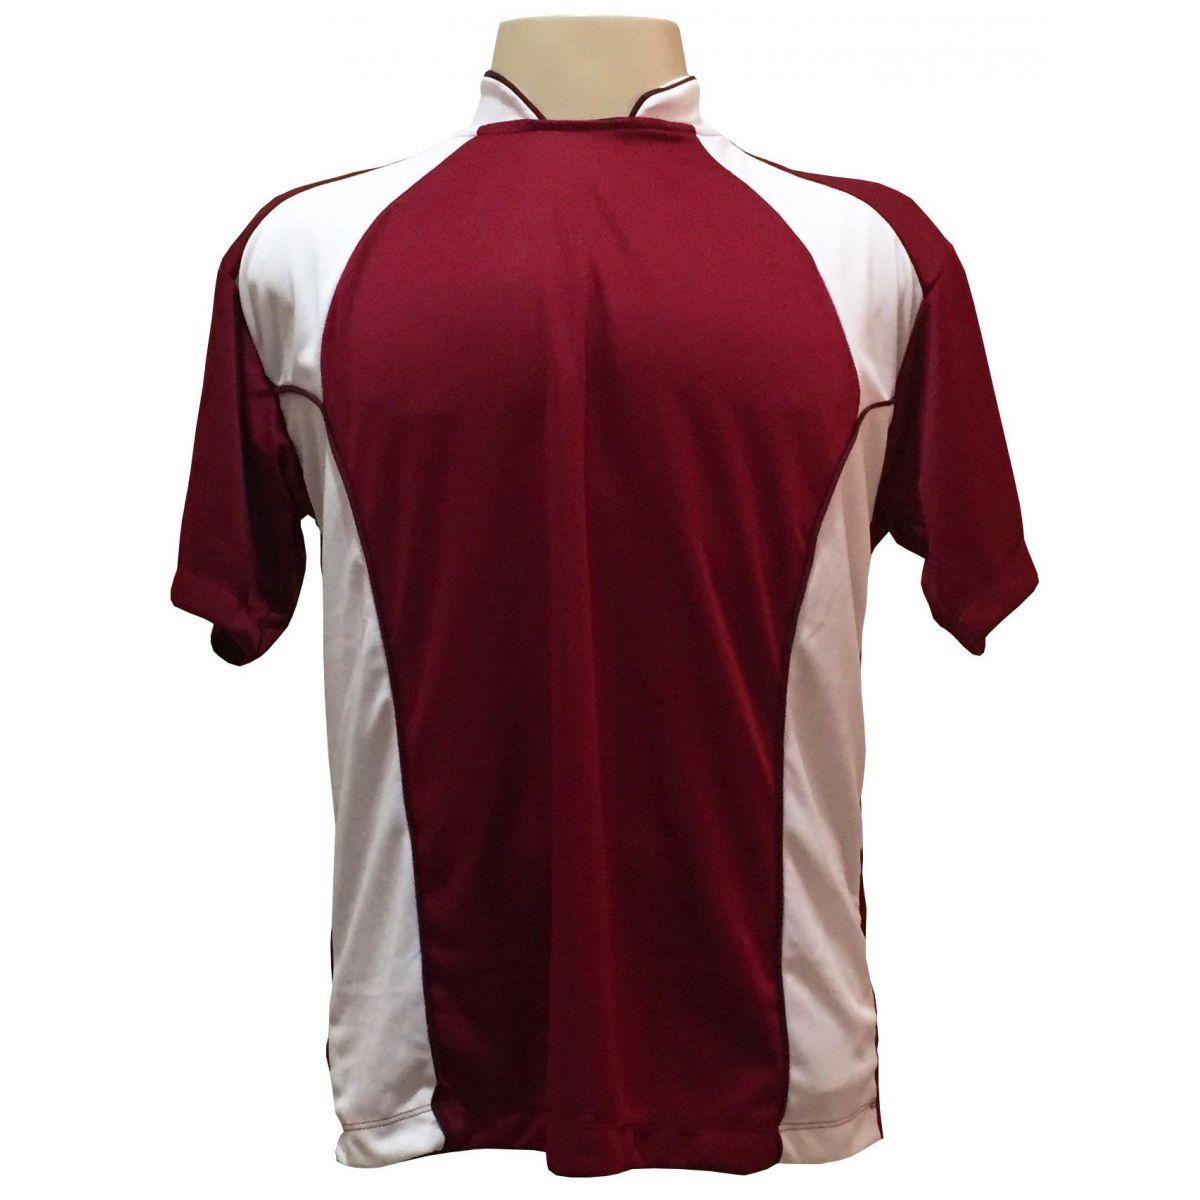 Uniforme Esportivo com 14 camisas modelo Suécia Vinho/Branco + 14 calções modelo Madrid Branco + 14 pares de meiões Branco